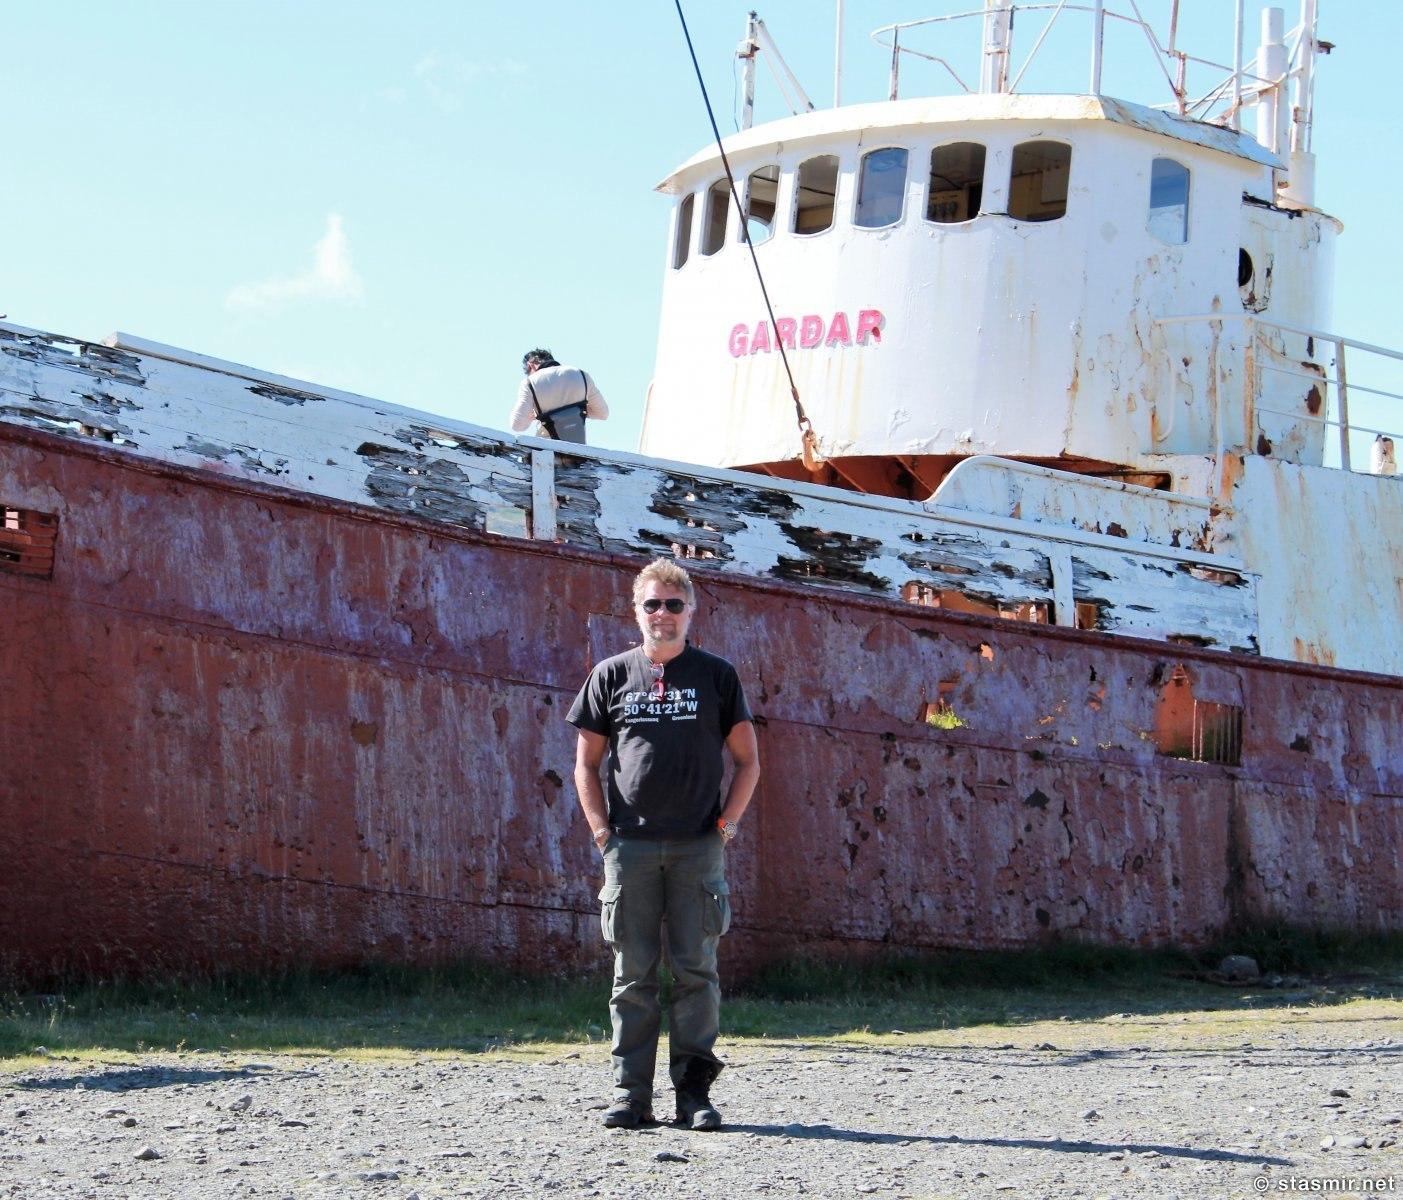 Garðar BA64 - китобойное судно в западных фьордах Исландии, фото Стасмир, photo Stasmir